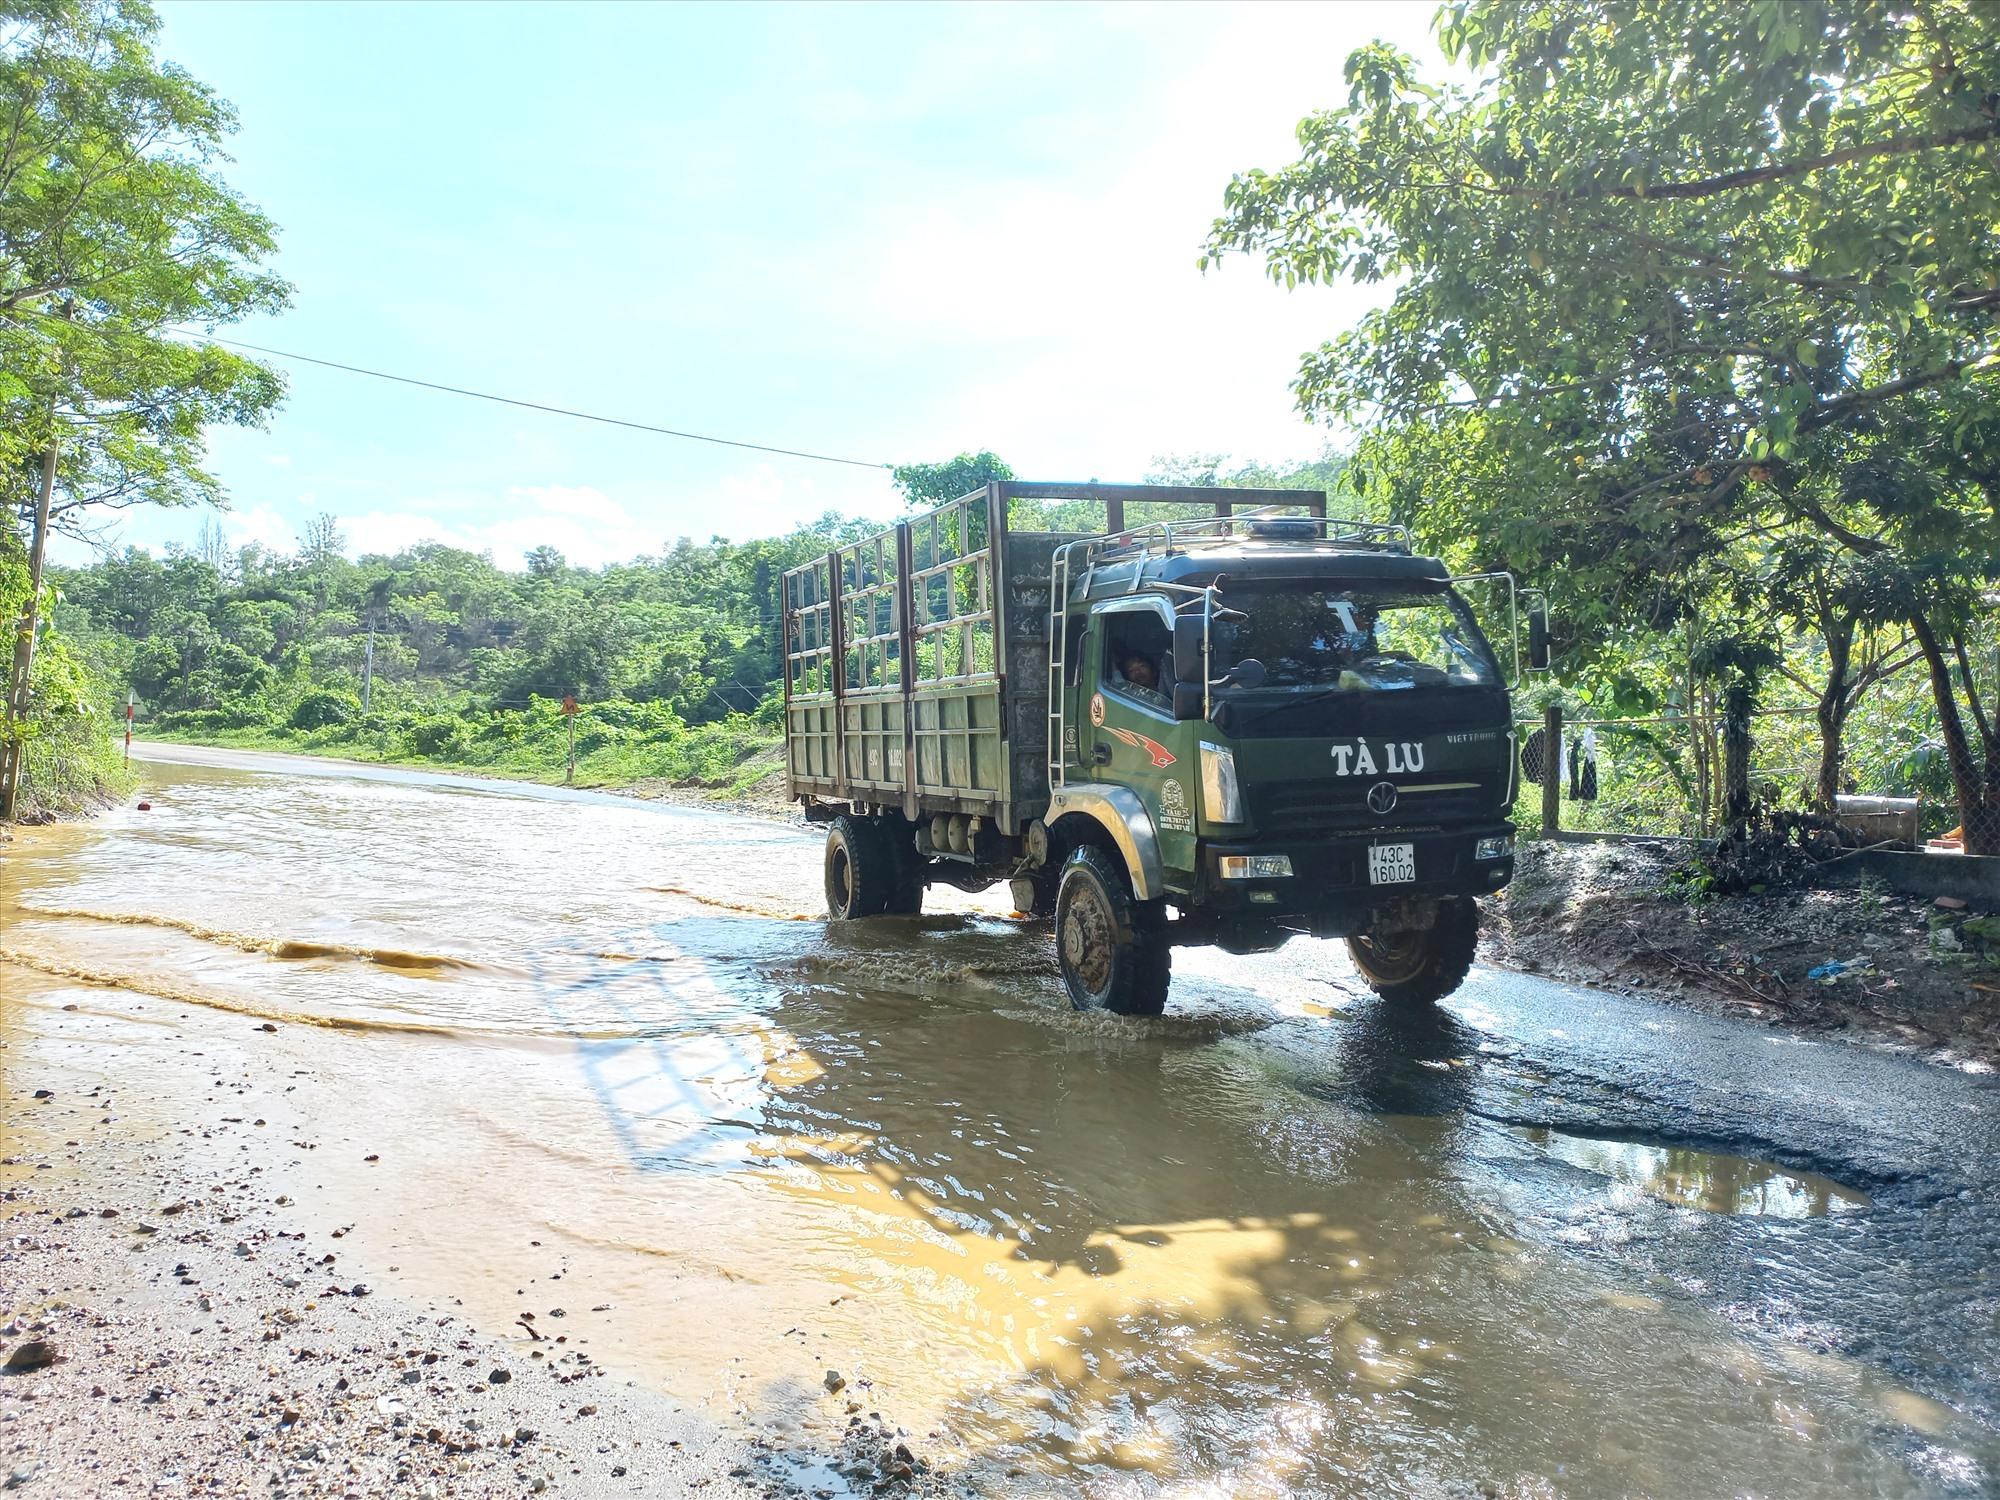 Nước mưa đọng gây hư hỏng mặt đường quốc lộ 14B, đoạn qua thôn Hoa, thị trấn Thạnh Mỹ (Nam Giang). Ảnh: C.T